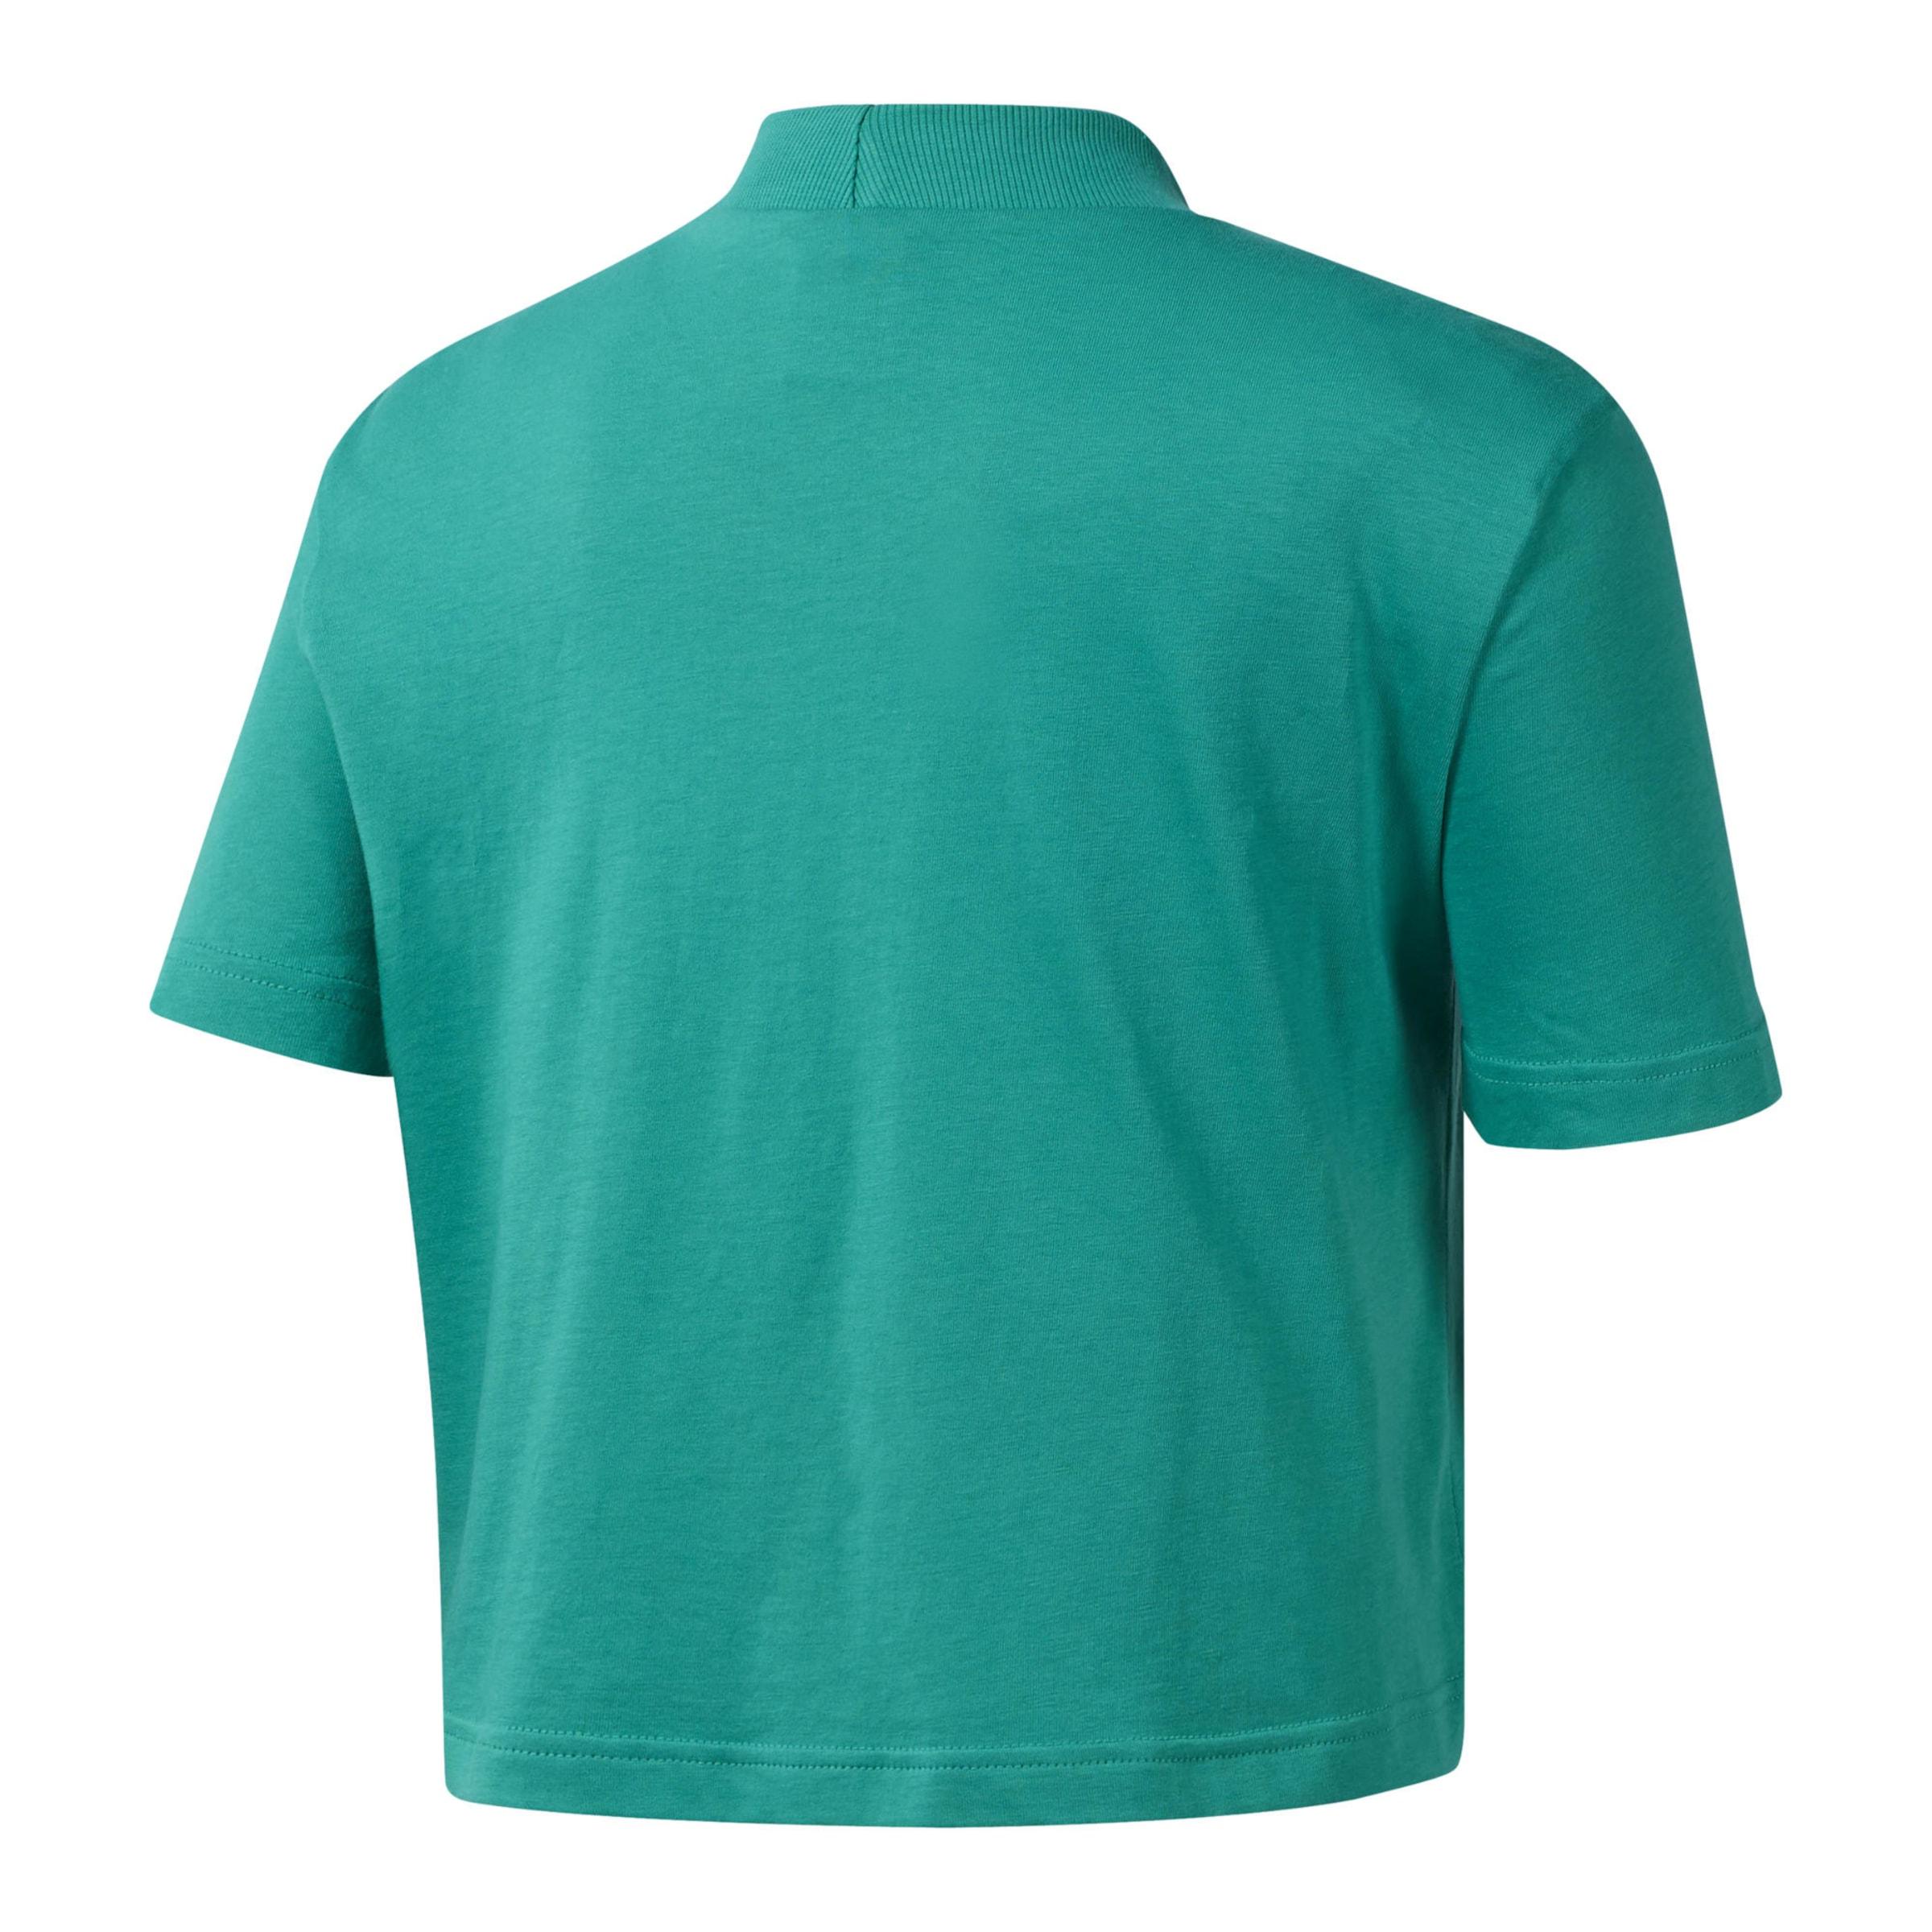 In Petrol Reebok Shirt Shirt Classic Reebok Classic DHYe9WEI2